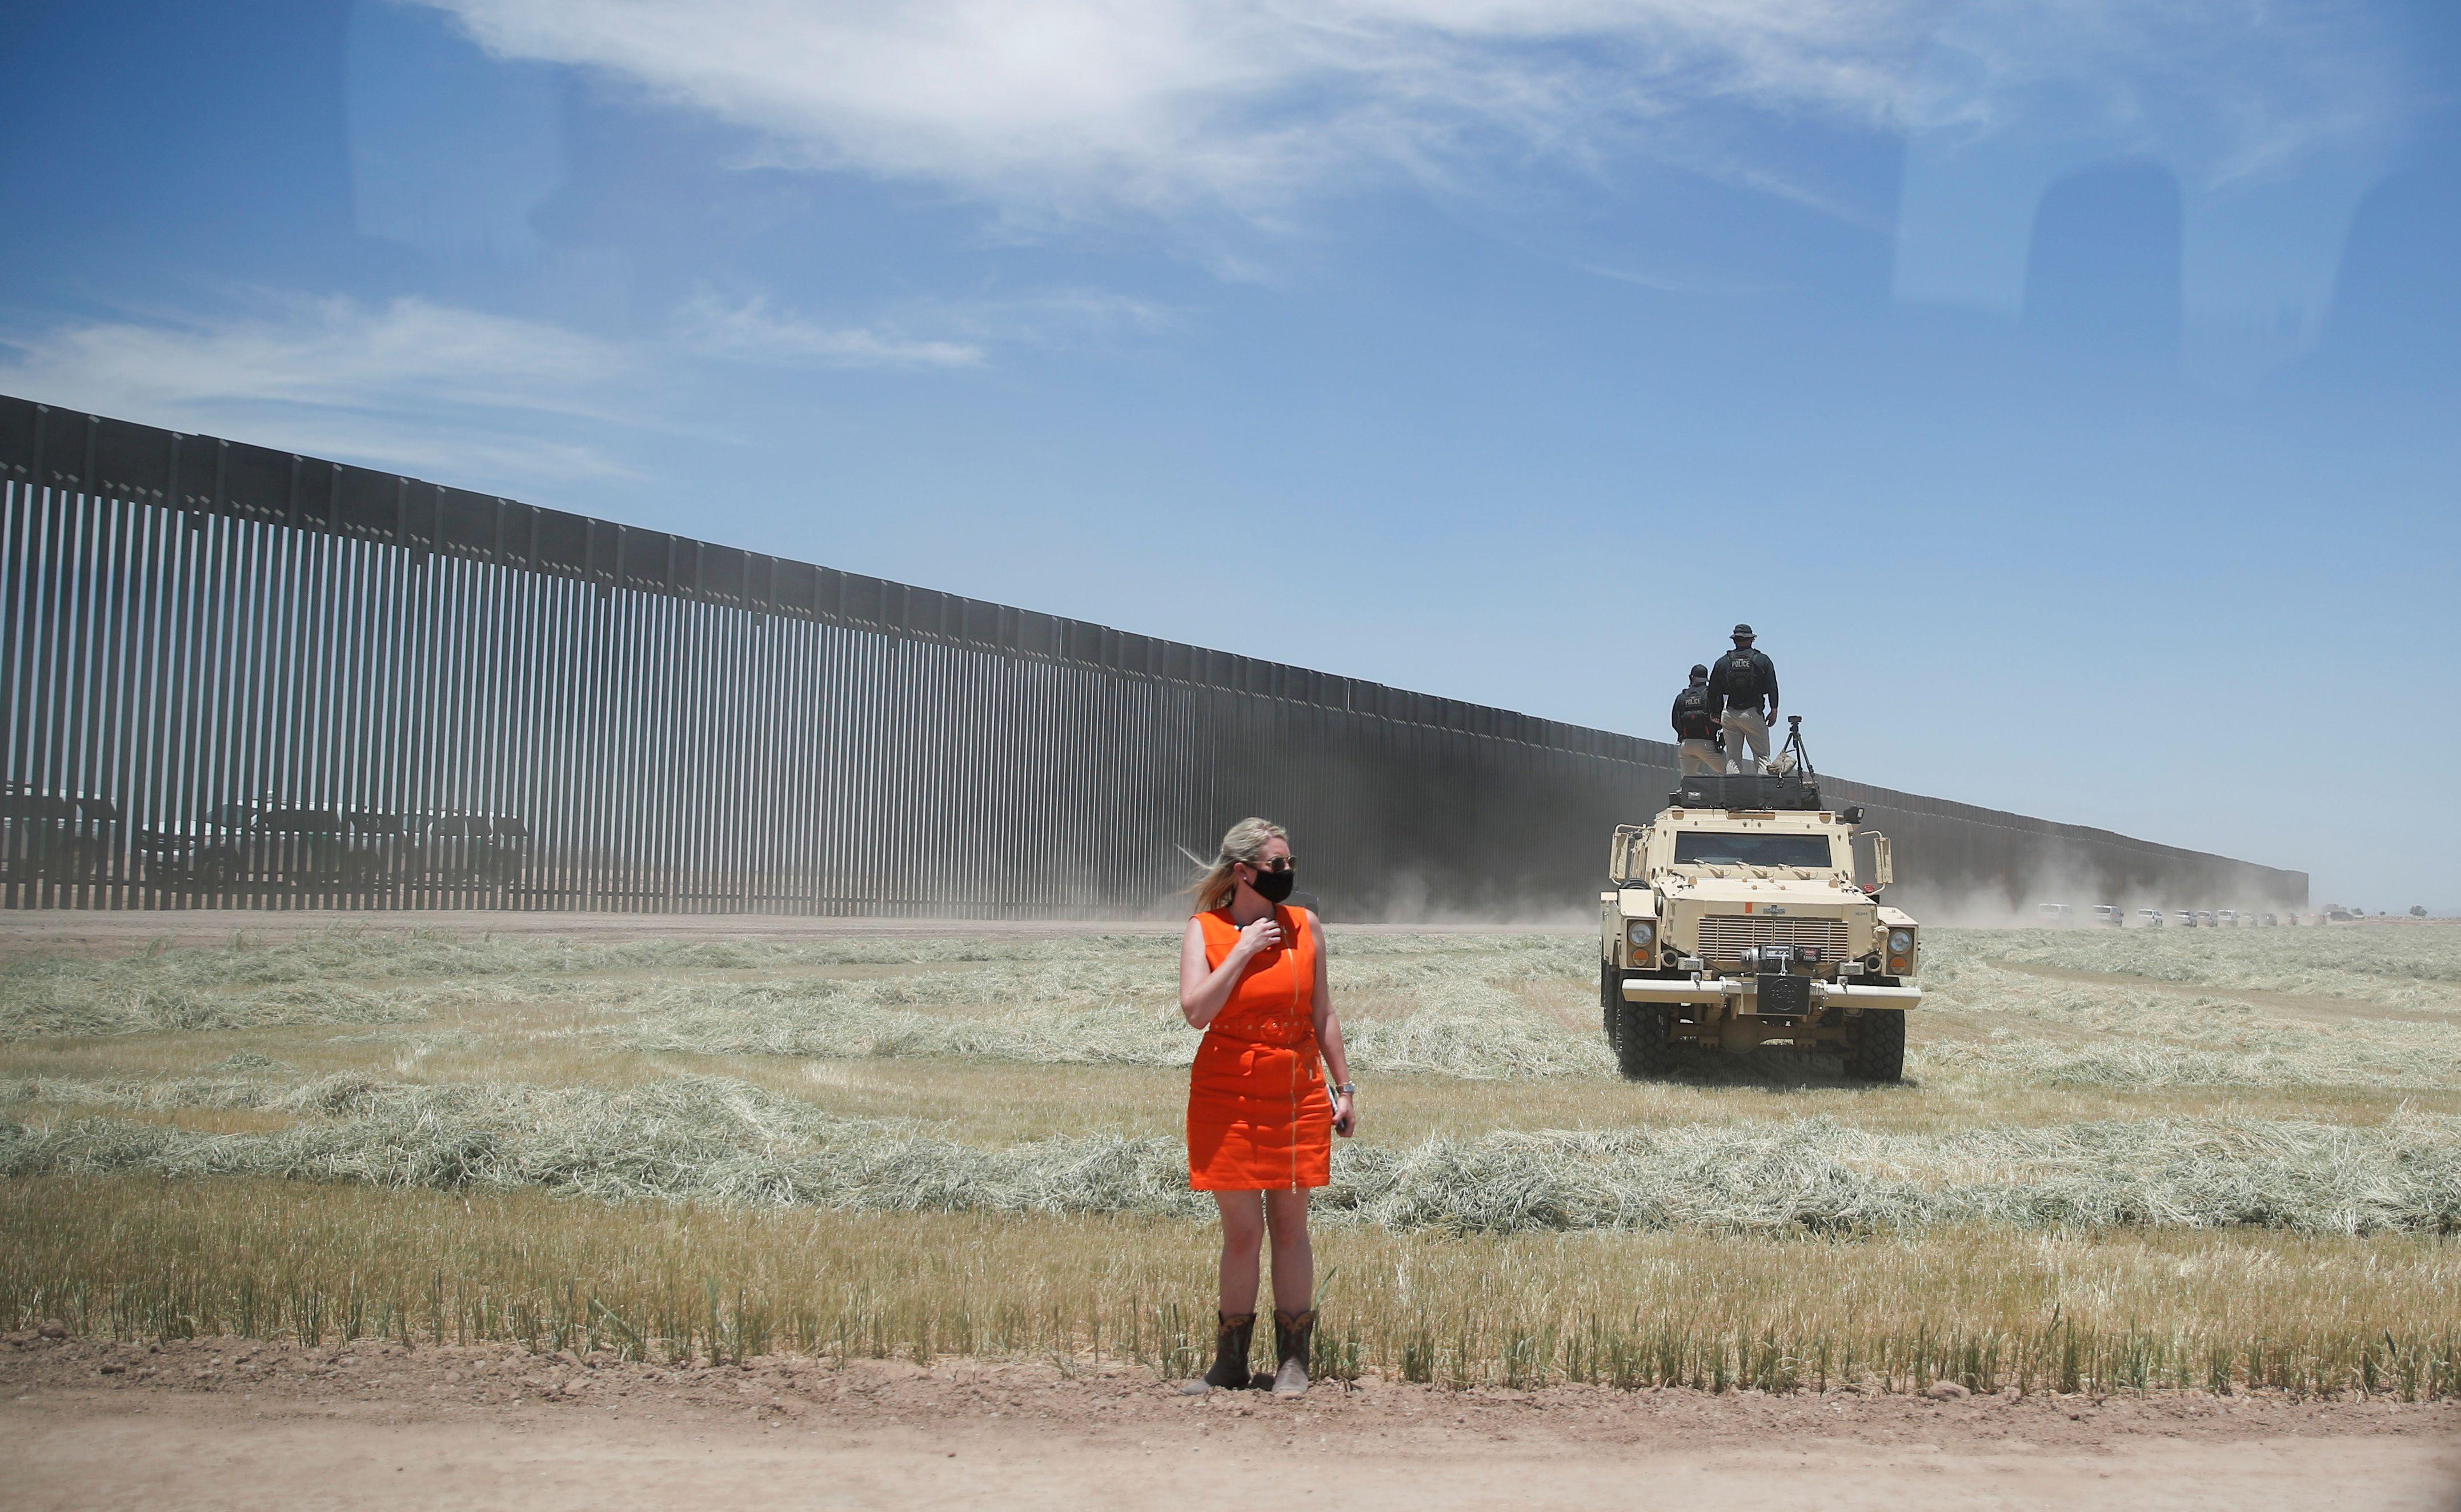 """""""Hay dos cosas que nunca cambian: muros y ruedas. Son dos cosas que cambian jamás en mil años: una rueda y un muro. Funcionan"""", dijo Trump (Foto: REUTERS/Carlos Barria)"""